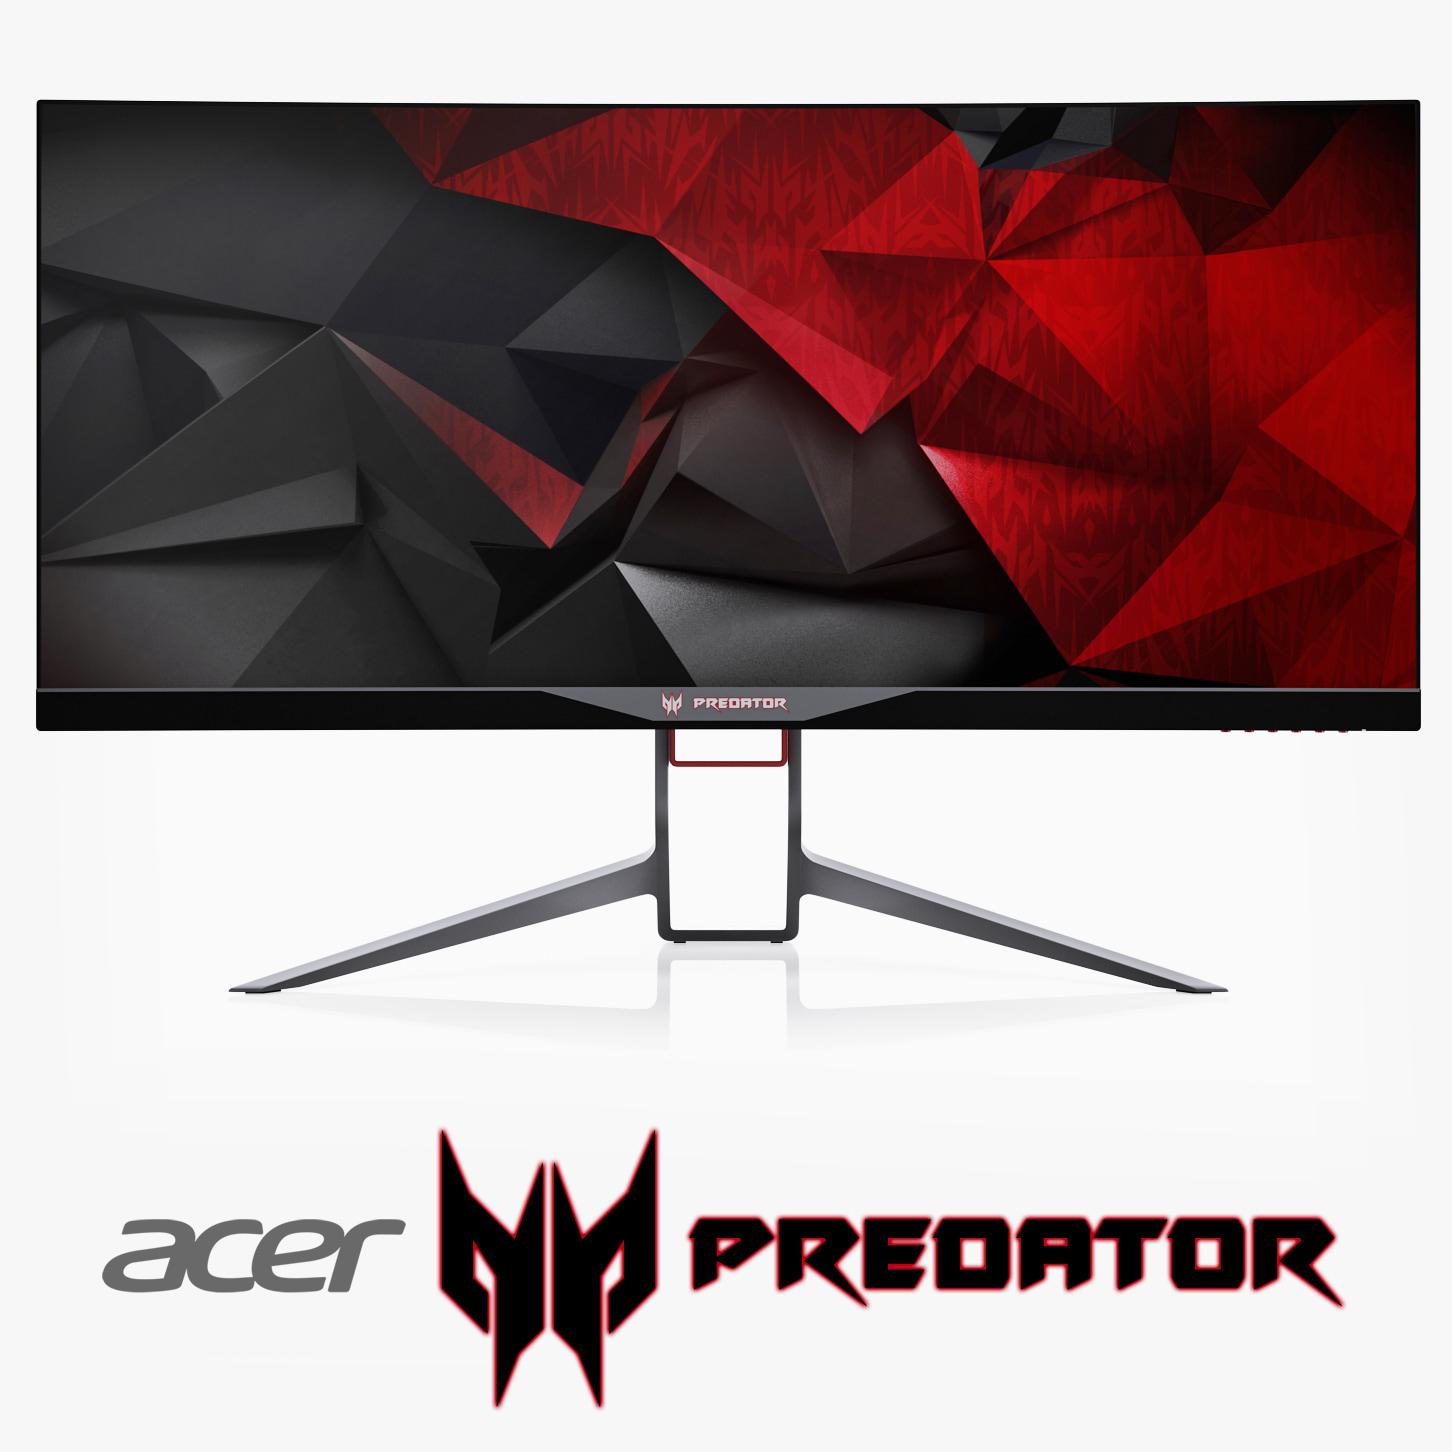 Aser_Predator_X34_00.jpg